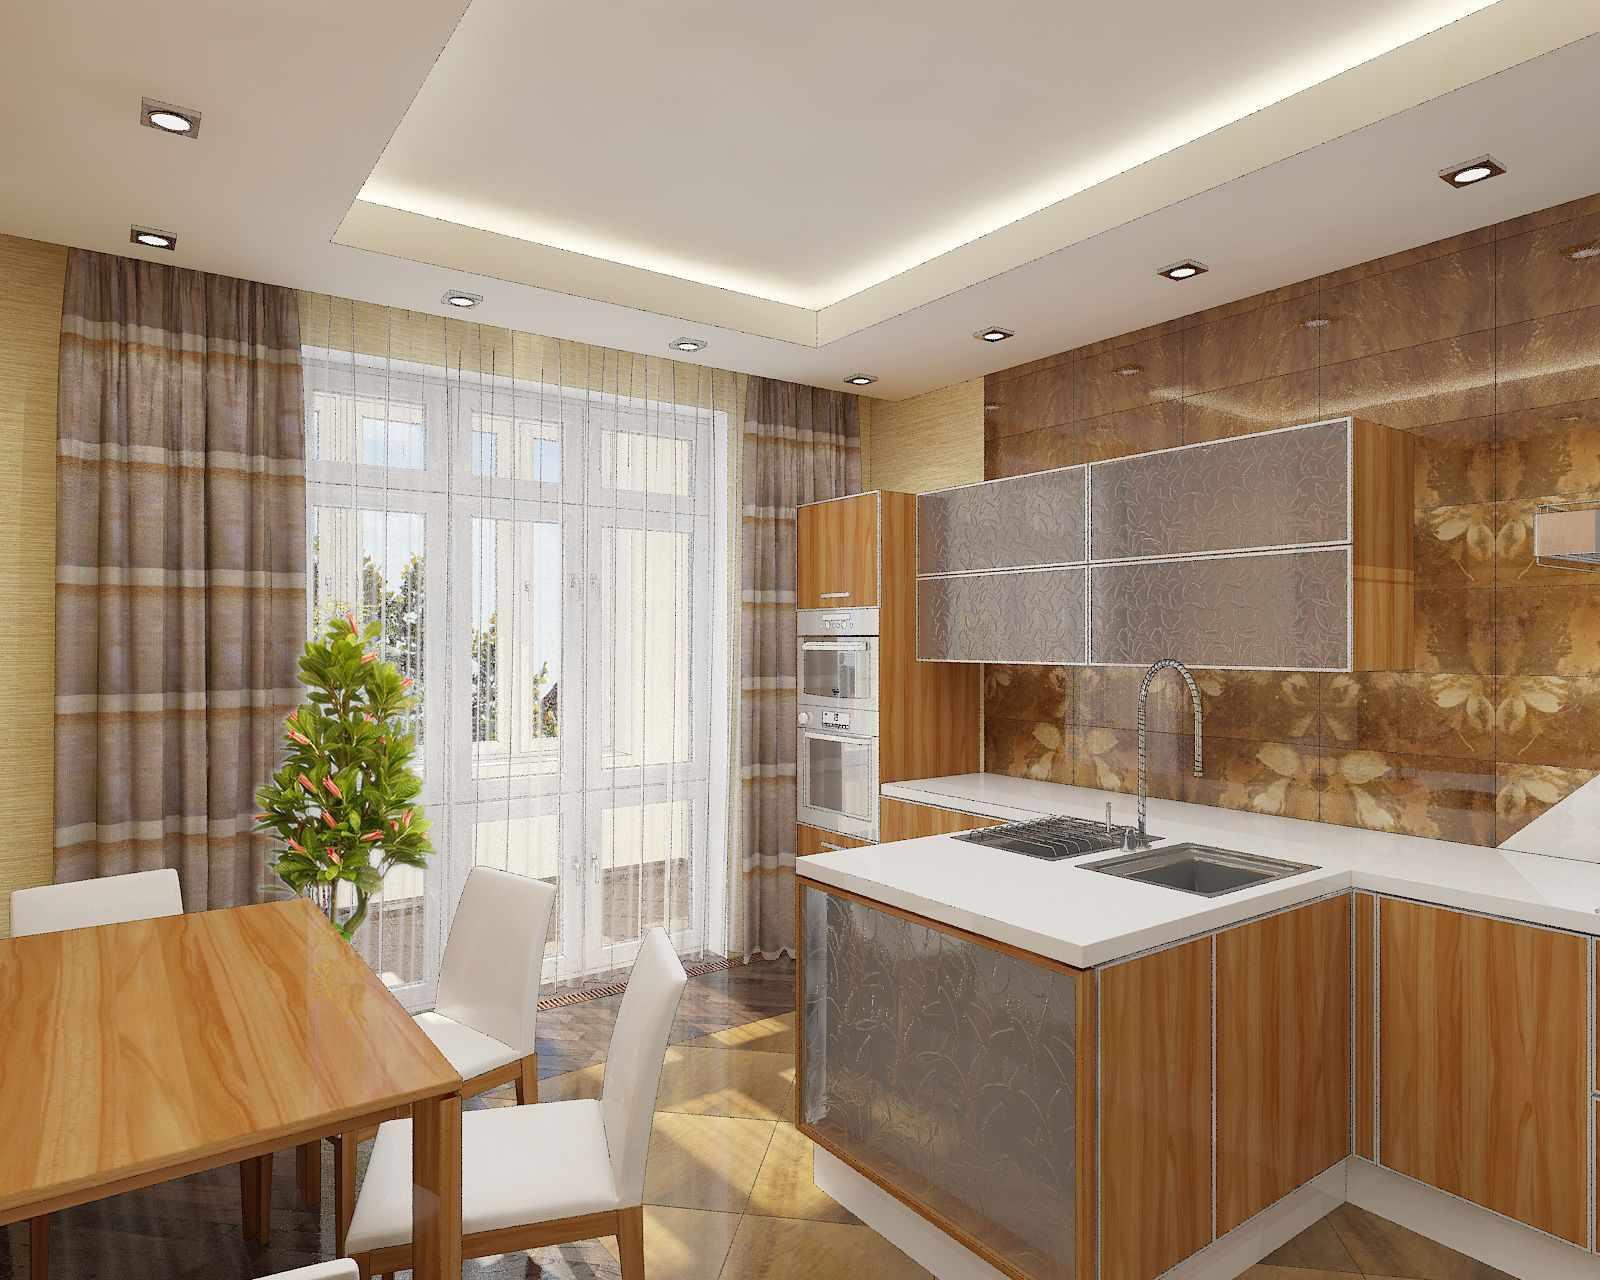 Гипсокартонные потолки на кухне – от дизайна до установки